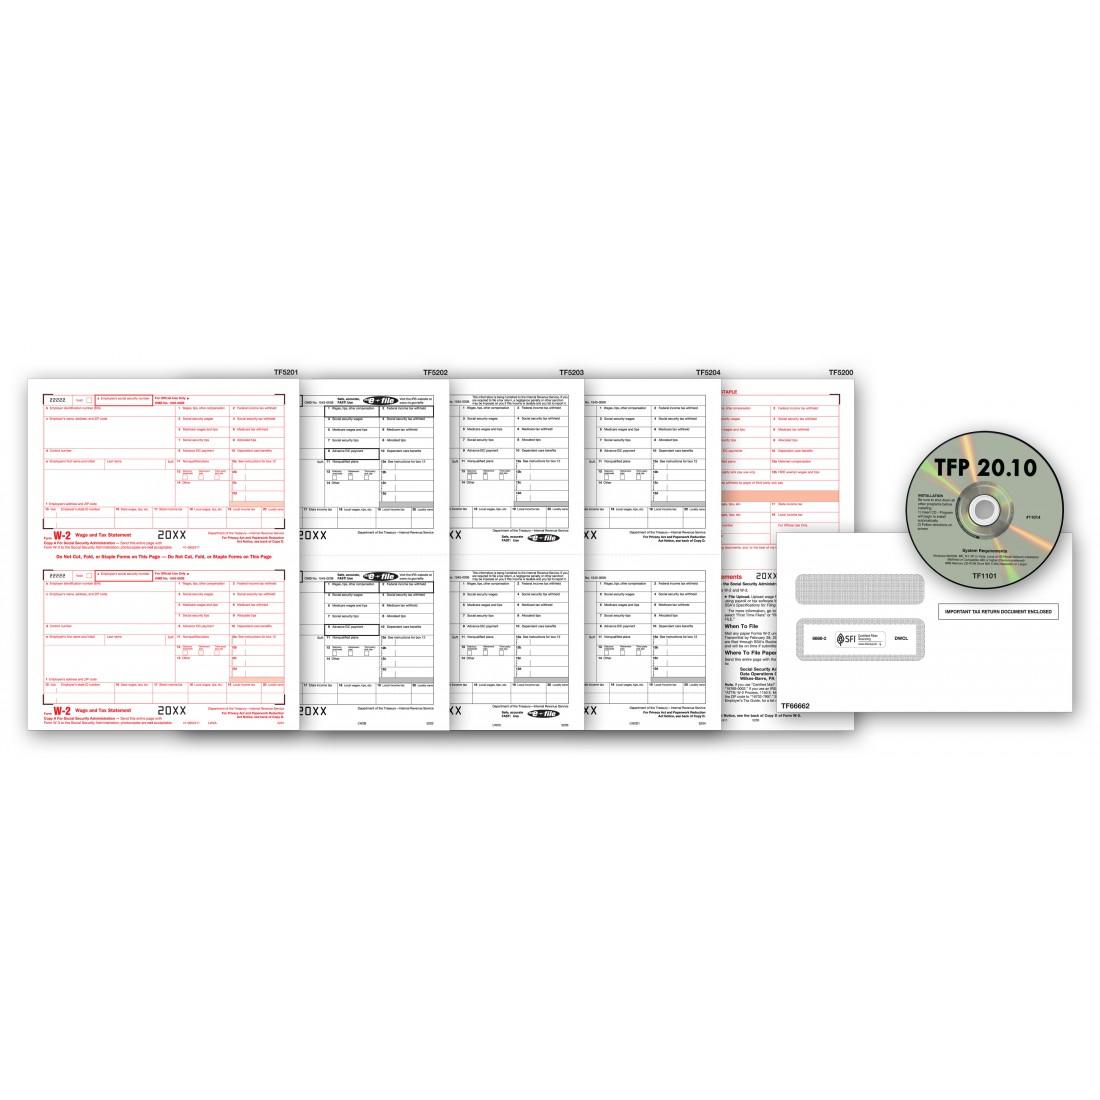 2017 Laser W 2 Tax Form & Tax Software Bundle